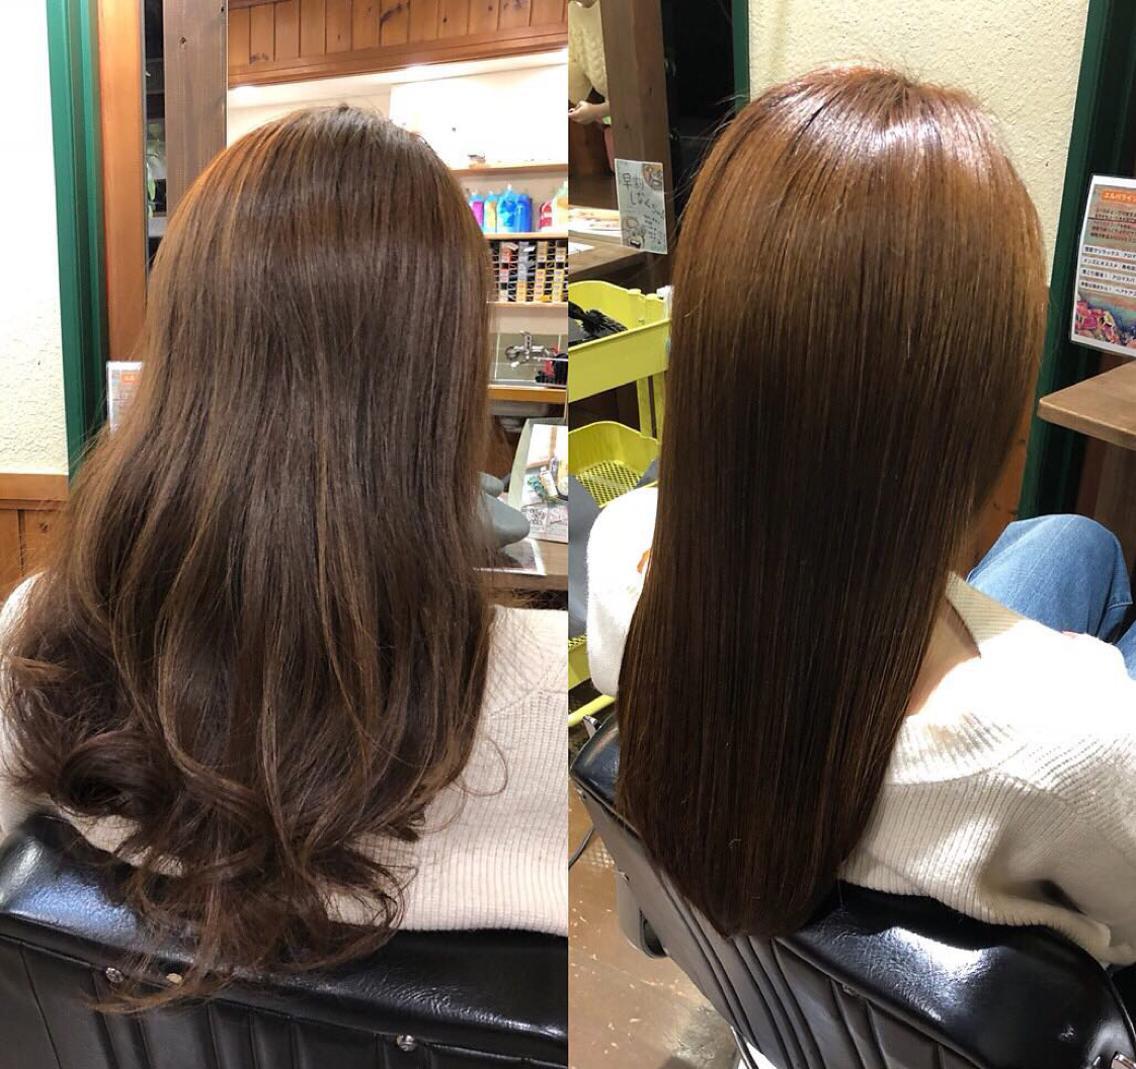 Hair make Elparaiso(エルパライソ)所属・田中竣平の掲載